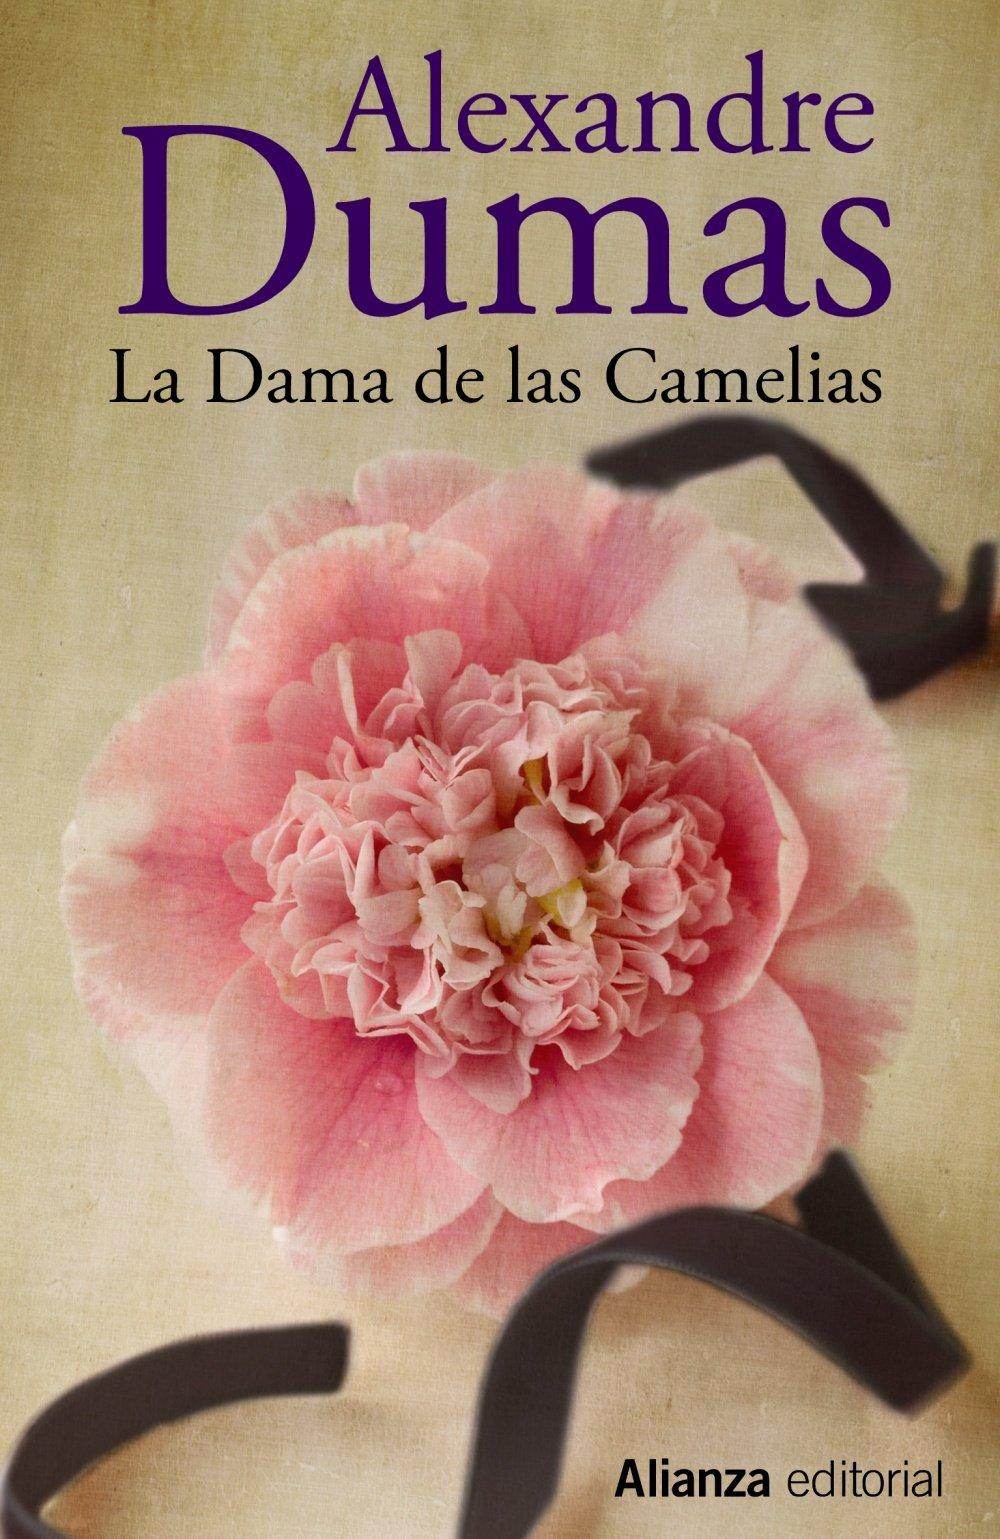 Download La Dama de las Camelias / The Lady of the Camellias (1320) (Spanish Edition) ebook